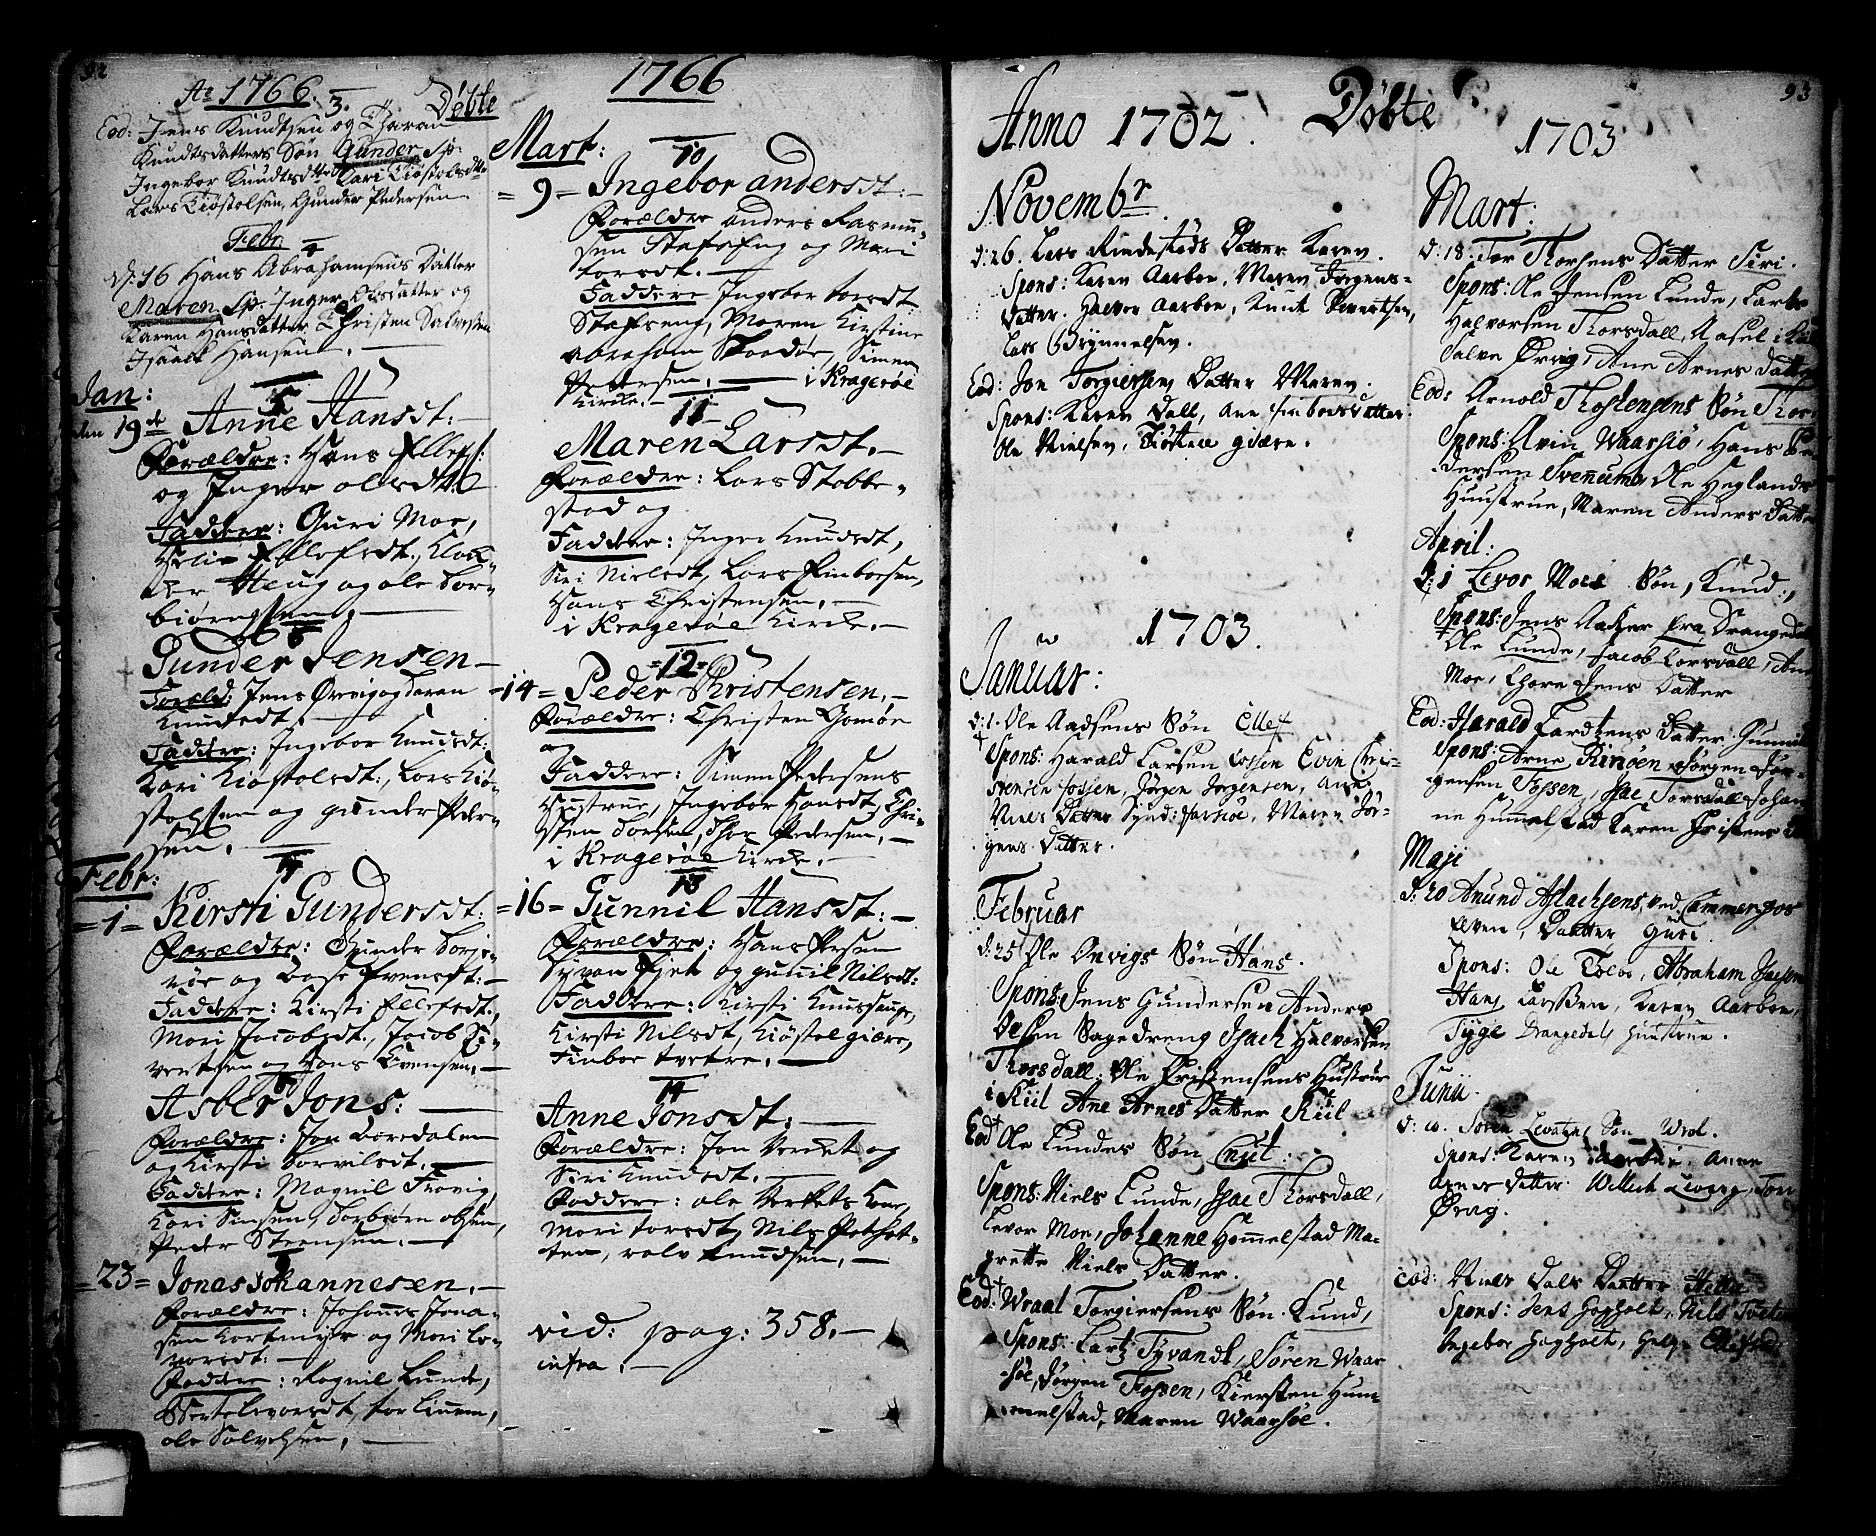 SAKO, Sannidal kirkebøker, F/Fa/L0001: Ministerialbok nr. 1, 1702-1766, s. 92-93